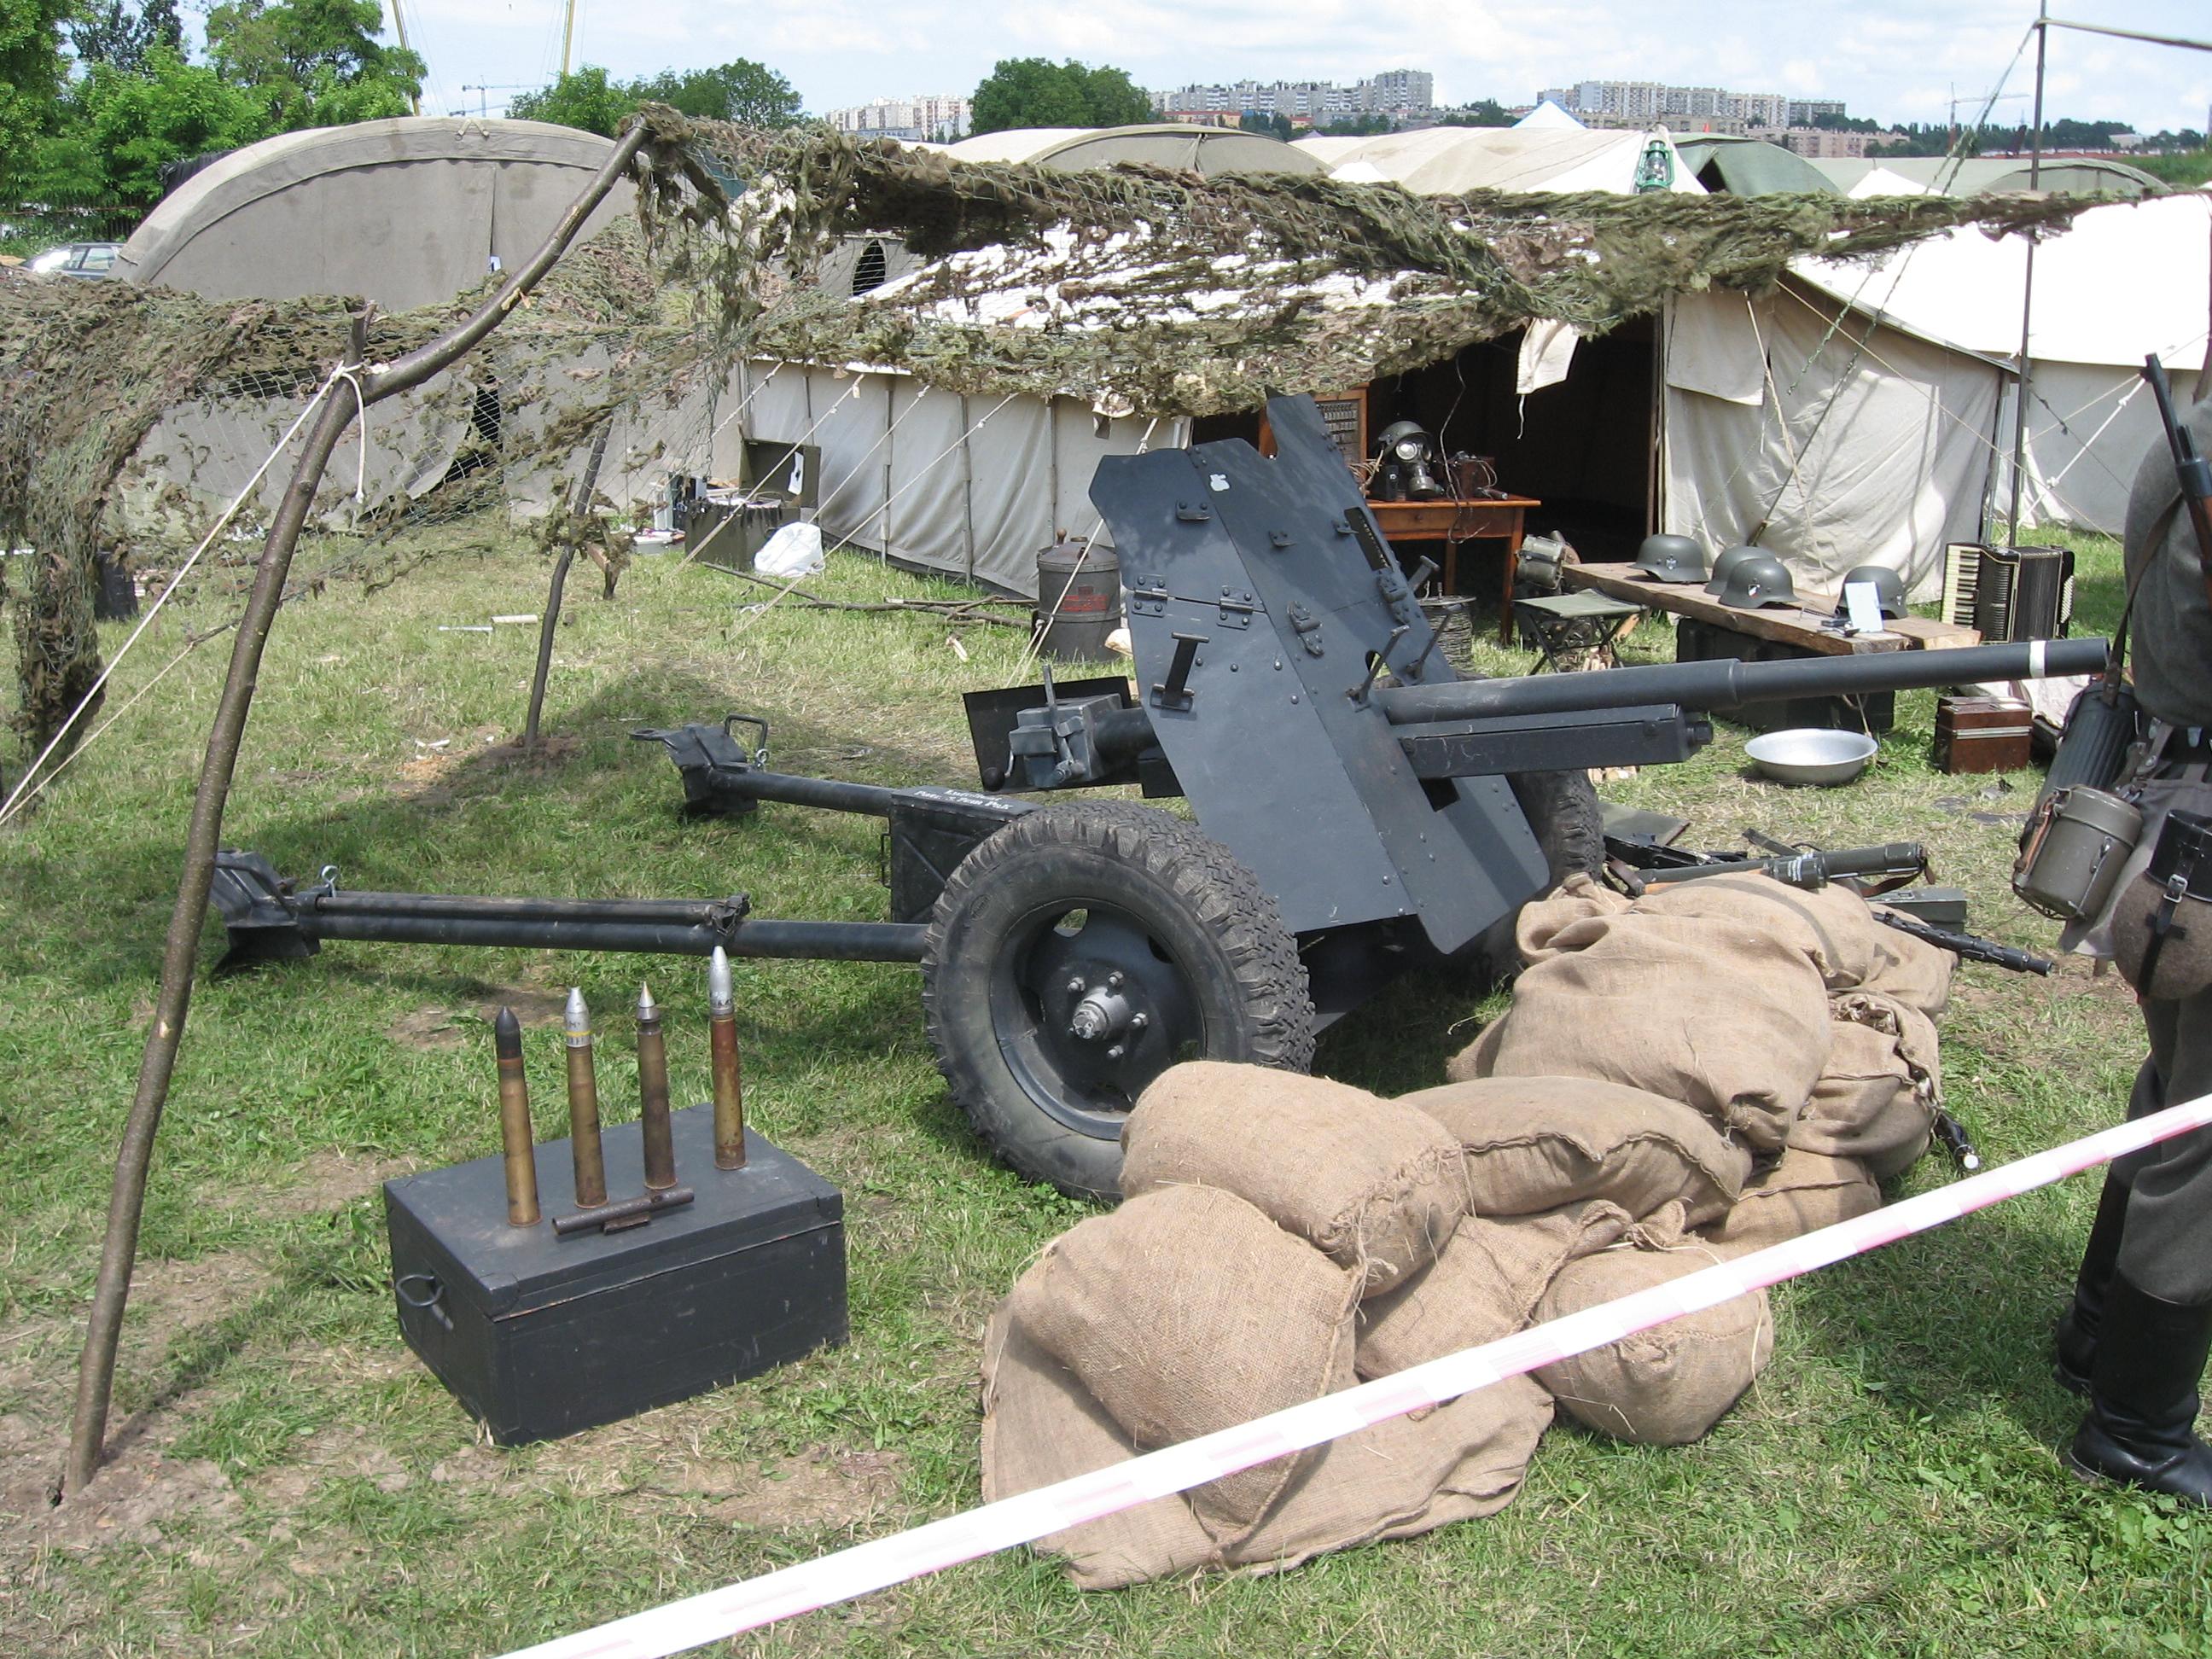 German 50 Mm Anti Tank Gun: File:Panzerabwehrkanone 36 Anti-tank Gun During The VII